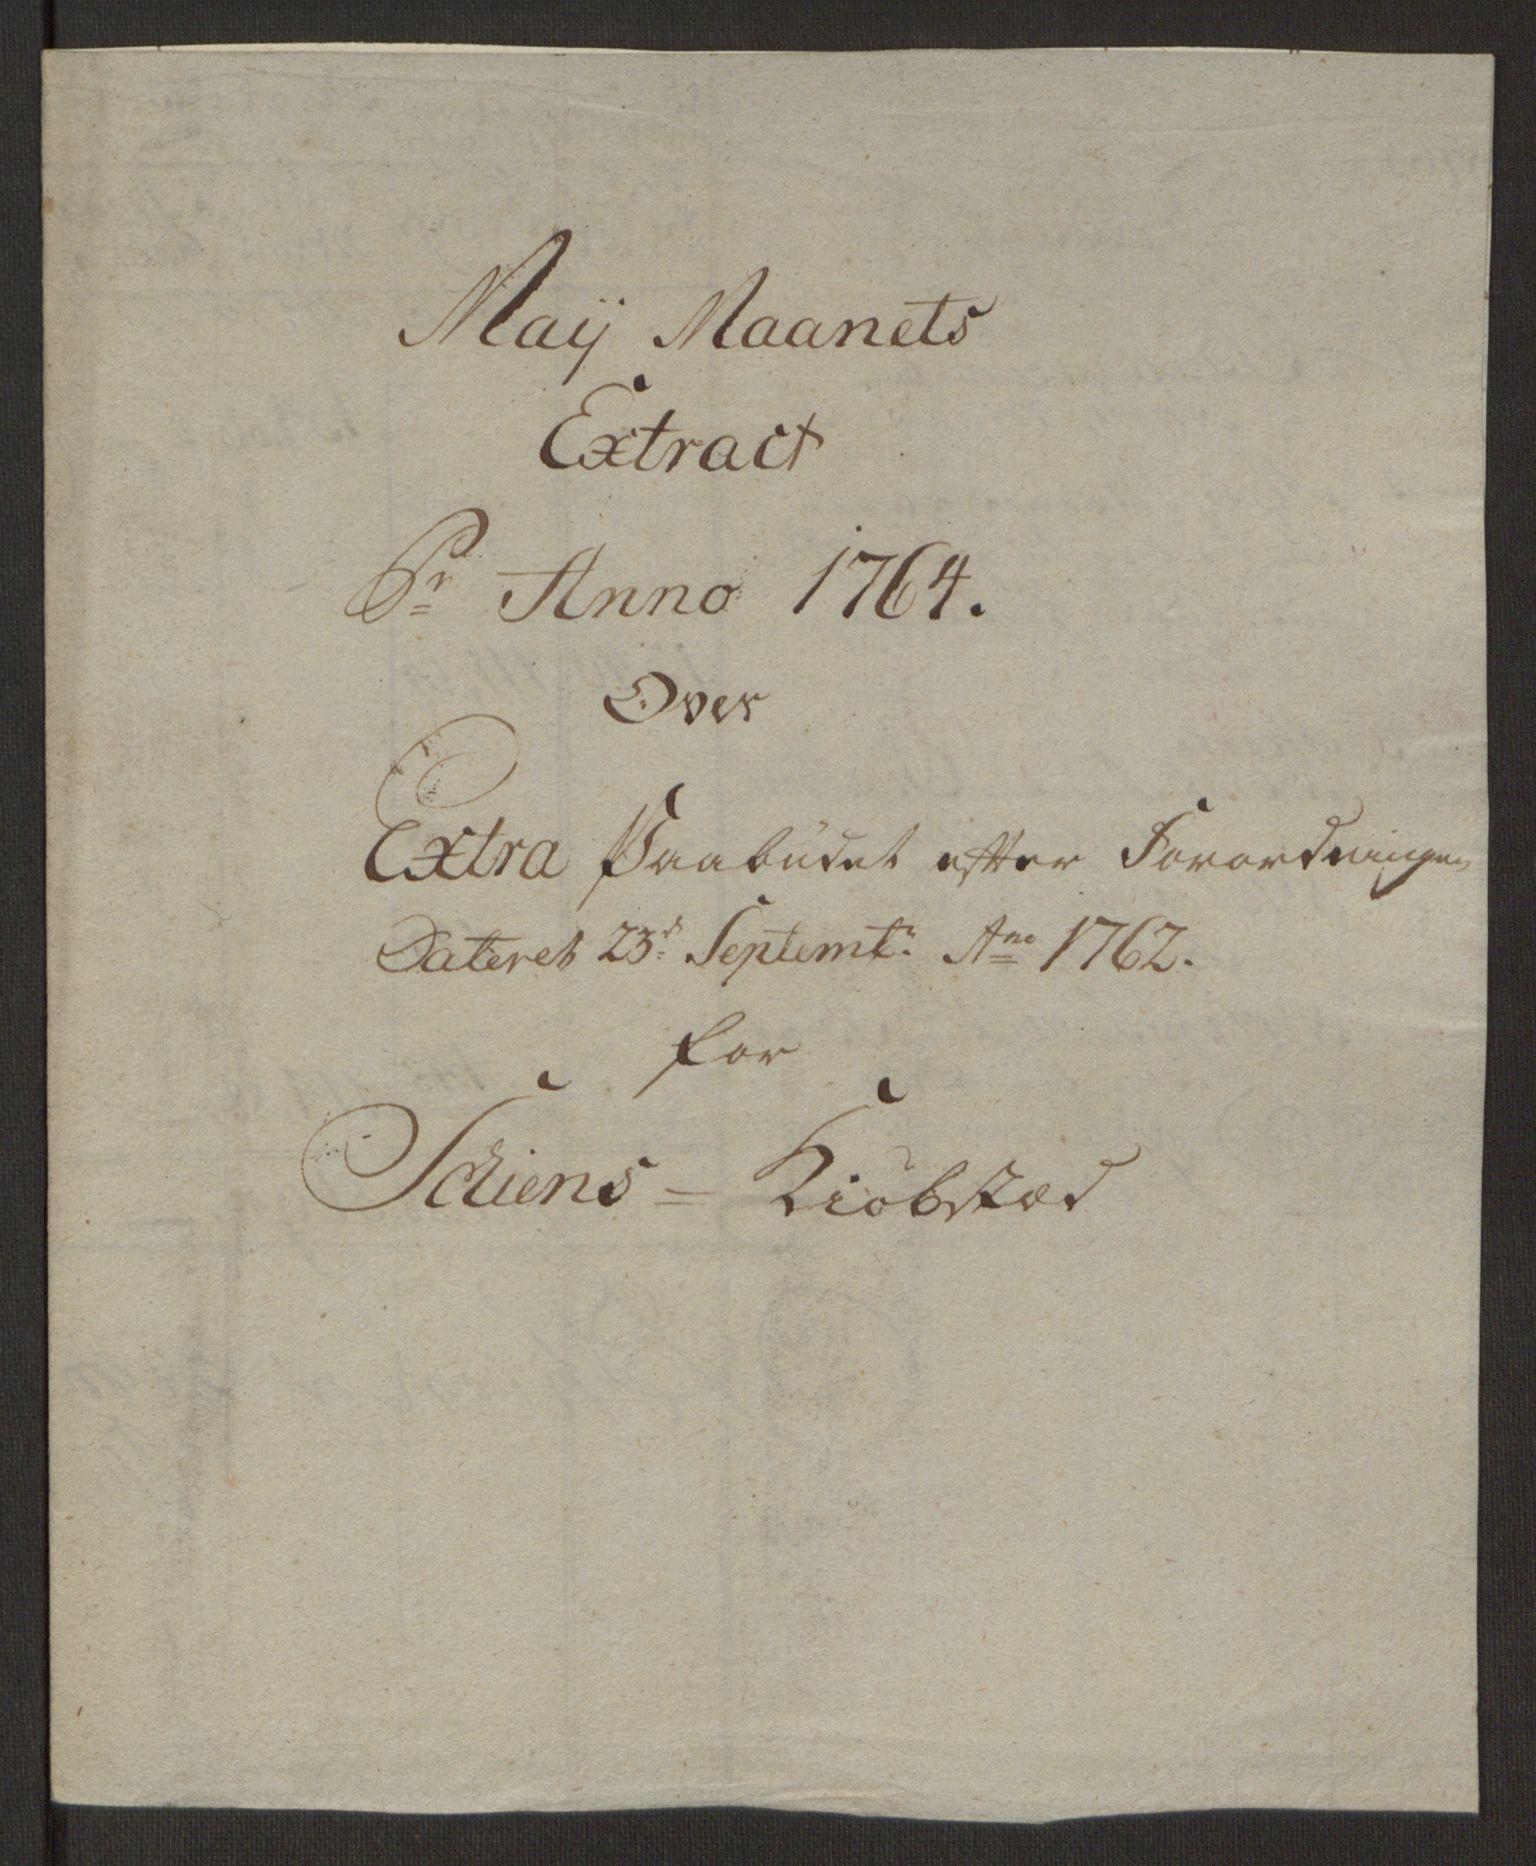 RA, Rentekammeret inntil 1814, Reviderte regnskaper, Byregnskaper, R/Rj/L0198: [J4] Kontribusjonsregnskap, 1762-1768, s. 286